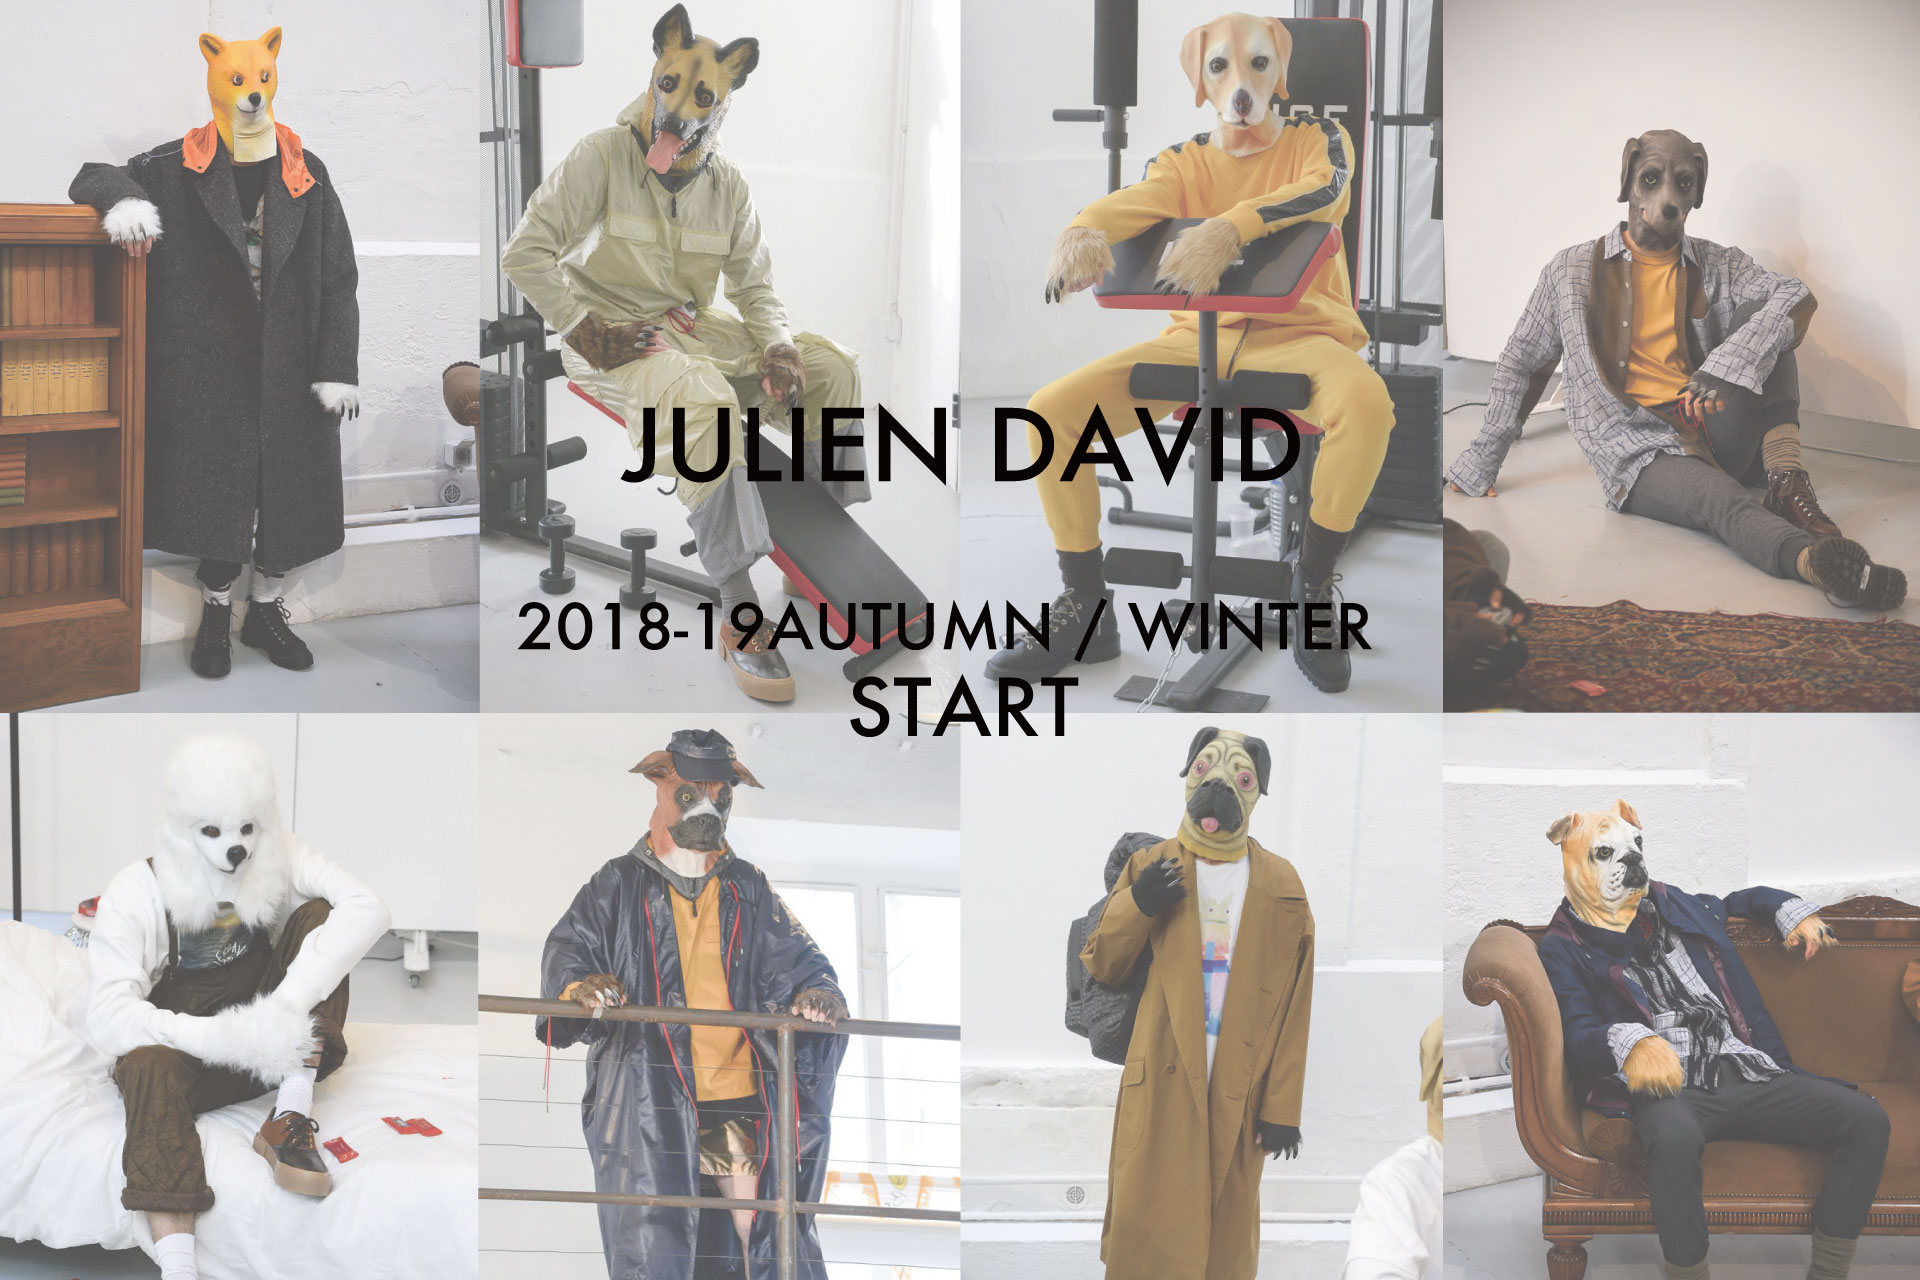 JULIEN DAVID 2018-19 AUTUMN / WINTER START